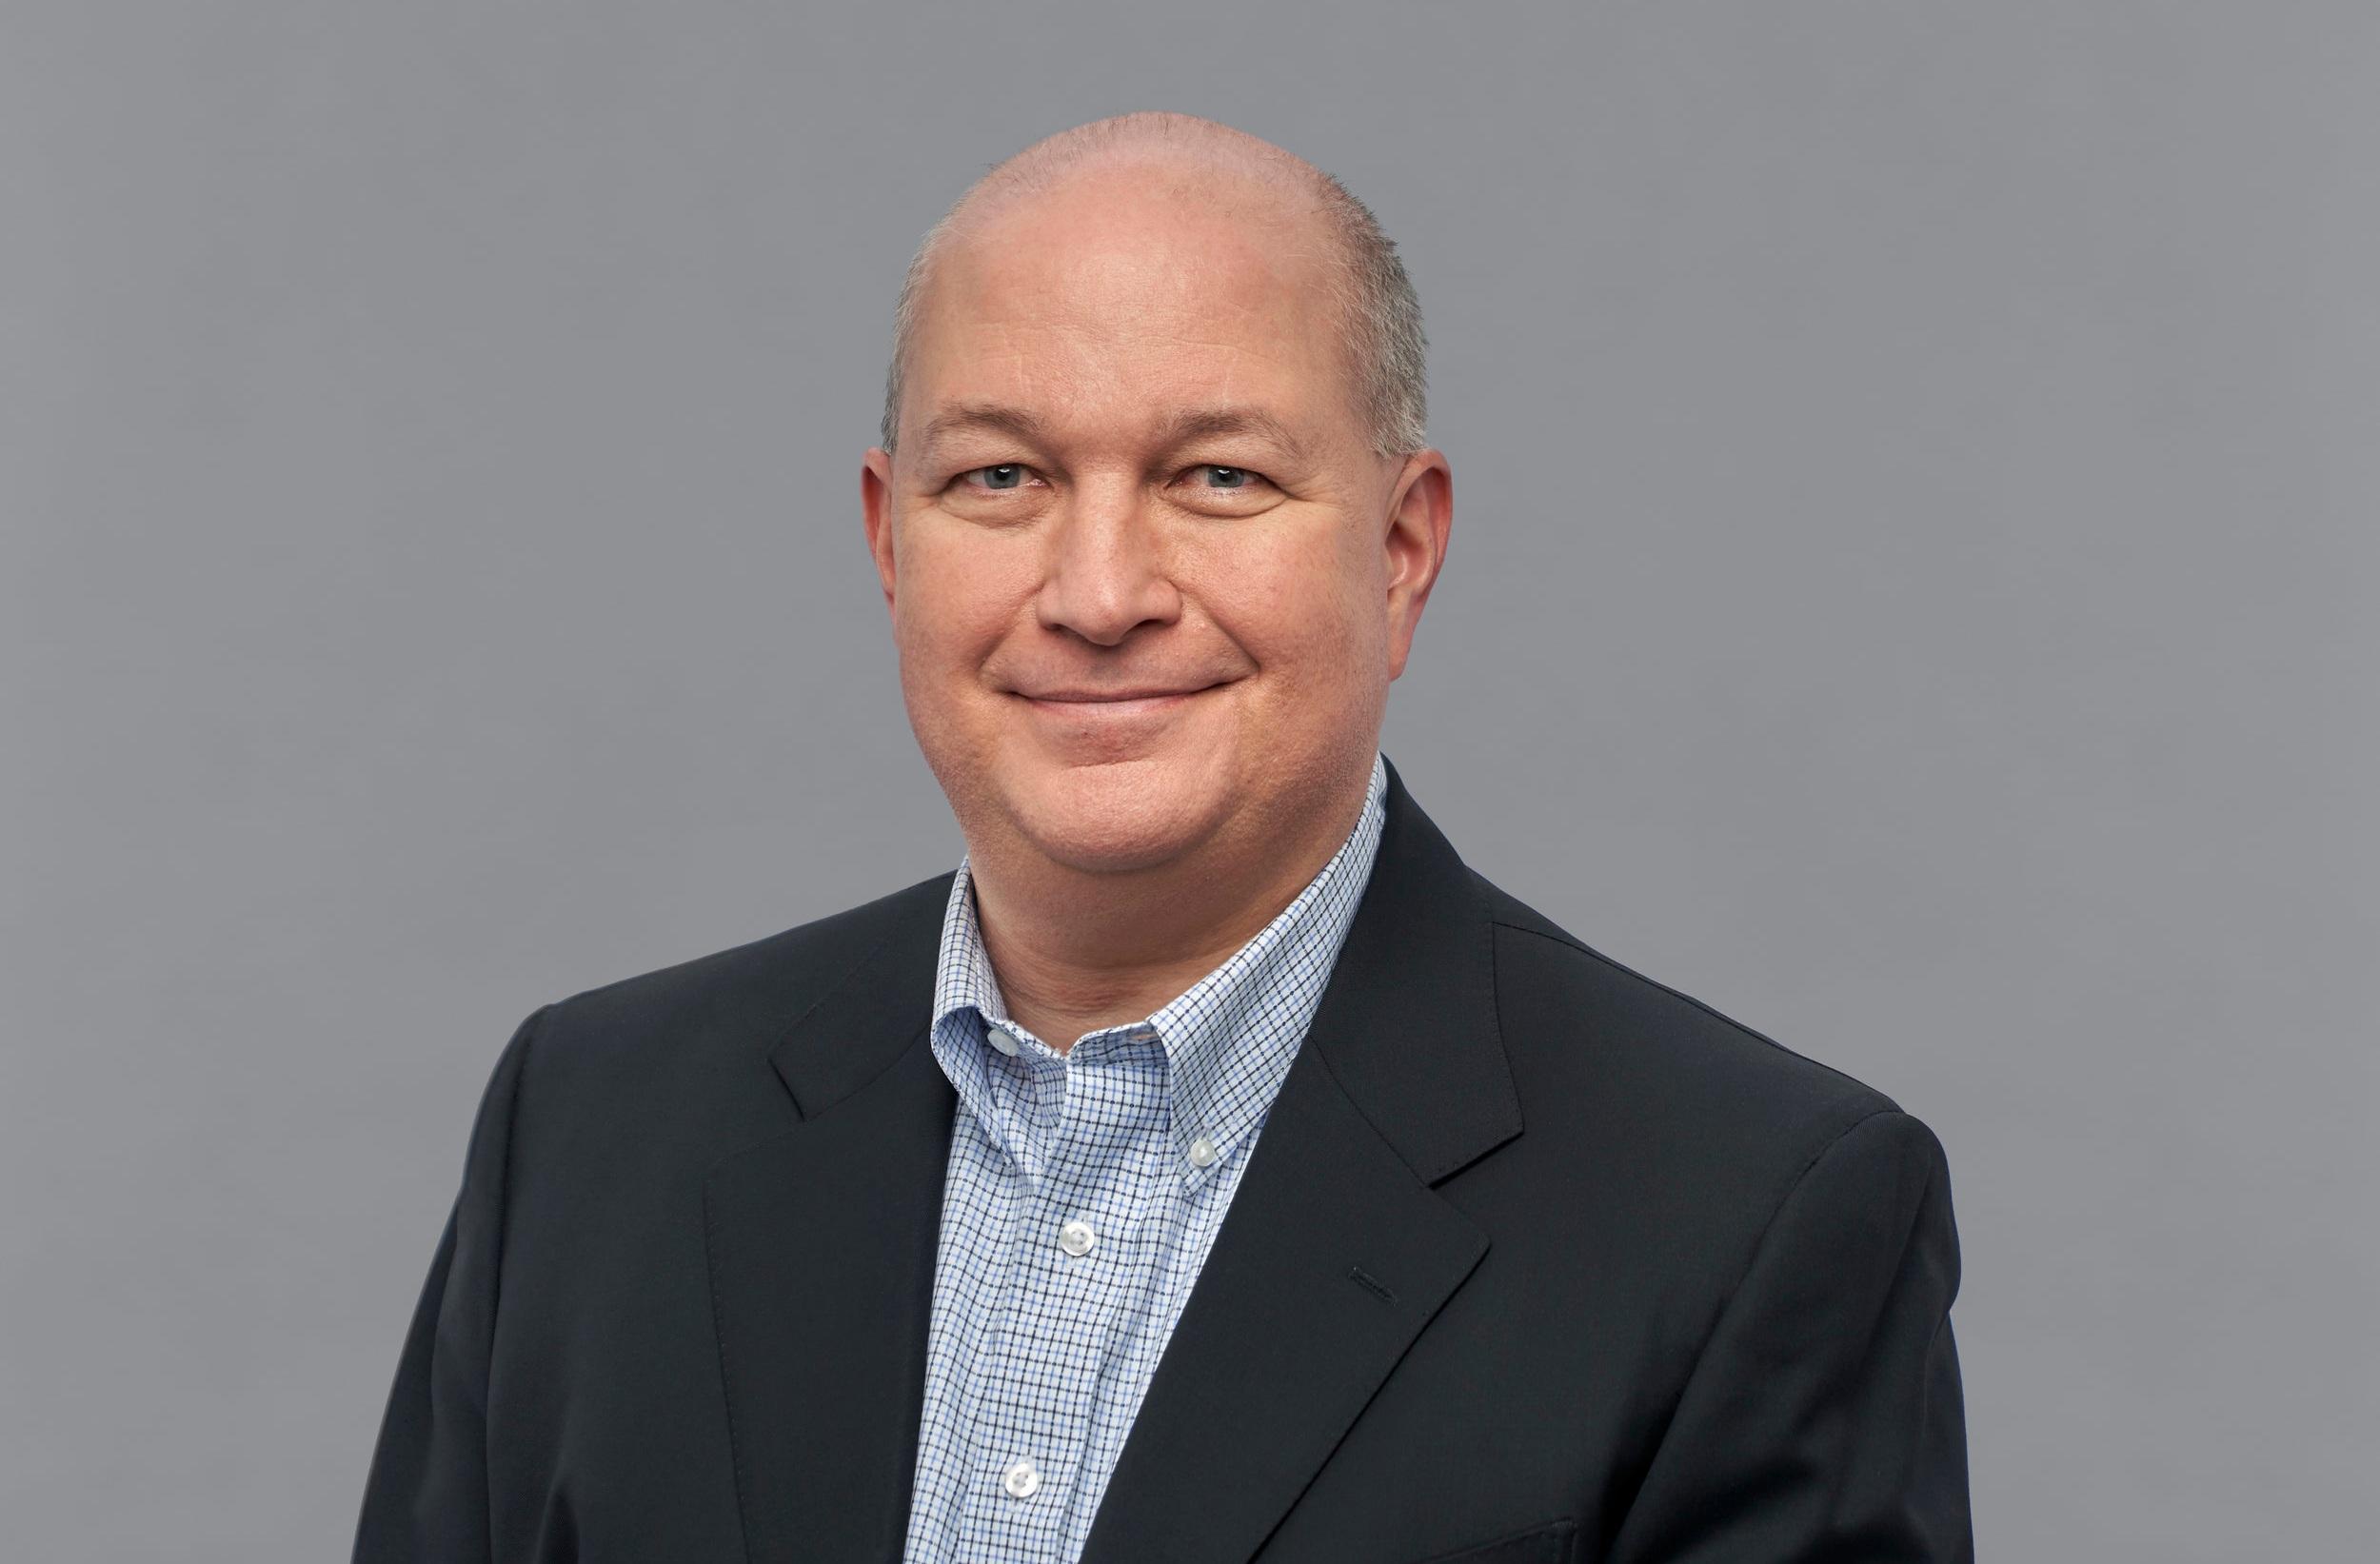 Joel Ziegler, AIA Principal